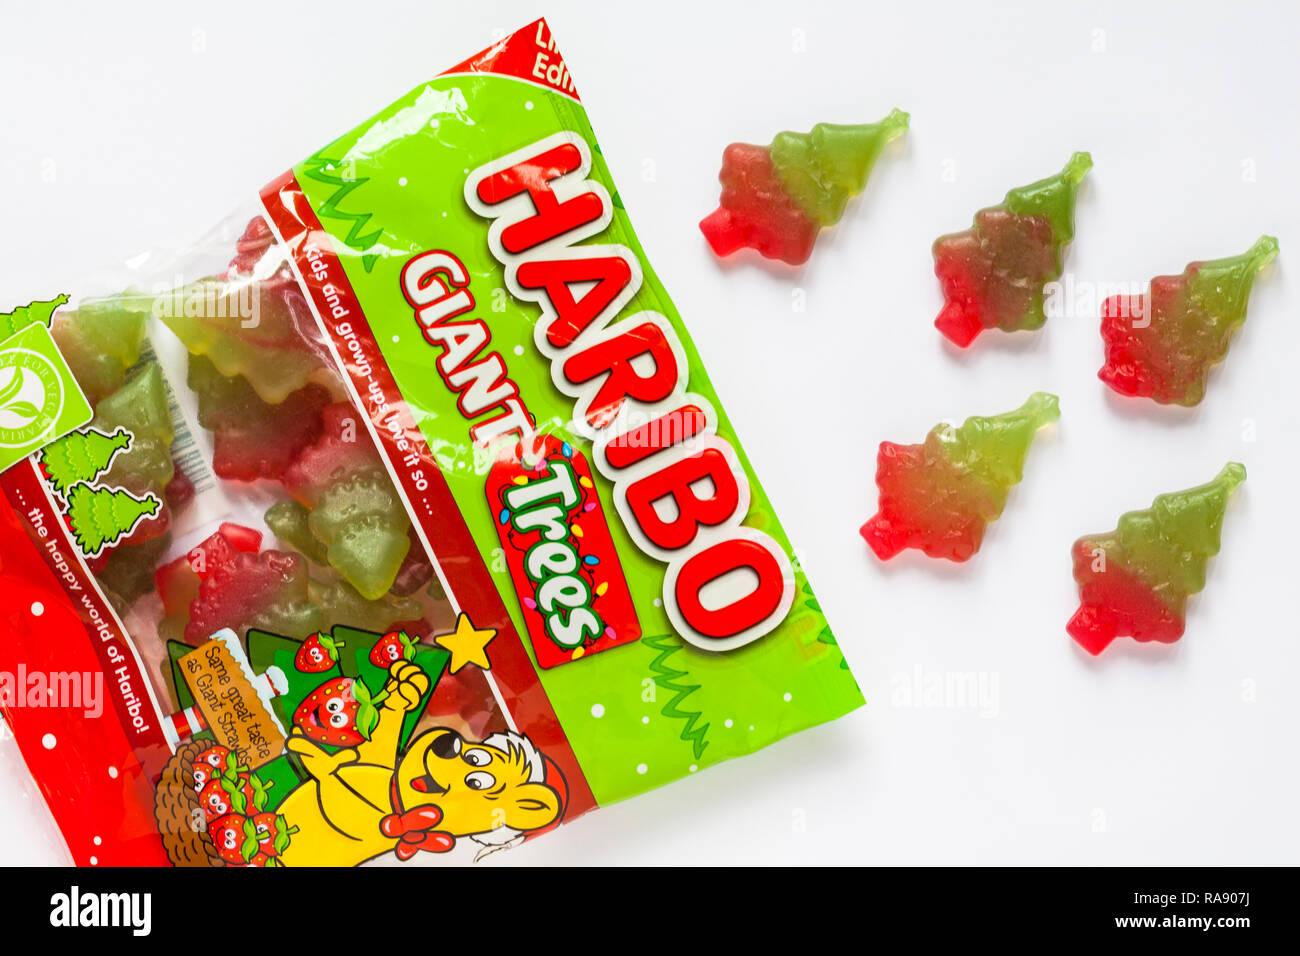 Haribo Weihnachten.Paket Der Limited Edition Haribo Riesige Bäume Geöffnet Mit Inhalt